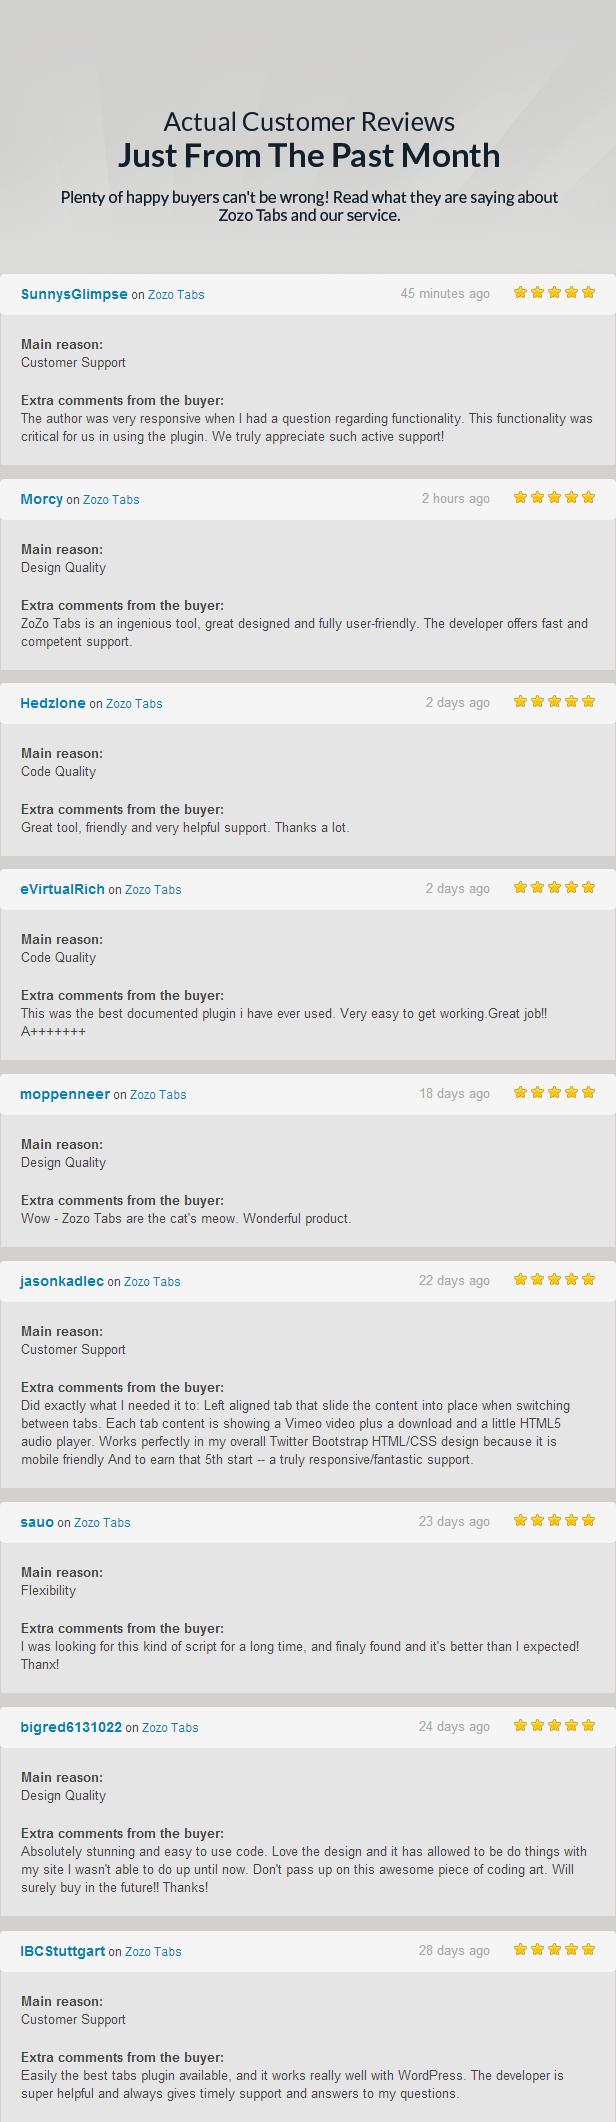 Realisasi Pelanggan Just Dari Masa Lalu Bulan Banyak bahagia pembeli cant salah! Baca apa yang mereka katakan tentang Zozo Tab dan layanan kami. SunnysGlimpse Zozo Tab menit yang lalu Utama Dukungan Pelanggan komentar ekstra dari penulis ini sangat responsif ketika memiliki pertanyaan mengenai fungsi. Fungsi ini sangat penting untuk menggunakan plugin benar-benar menghargai dukungan aktif seperti! Jam Morcy Zozo Tab lalu Utama Desain Kualitas komentar ekstra dari ZoZo Tabs alat cerdik, komentar Ekstra besar yang dirancang dan sepenuhnya pengembang menawarkan dukungan cepat dan kompeten Hedzlone Zozo Tab hari lalu Main Kode Kualitas dari alat besar, ramah dan sangat membantu dukungan Terima kasih banyak eVirtualRich Zozo Tab hari yang lalu komentar Ekstra Kode Main Kualitas